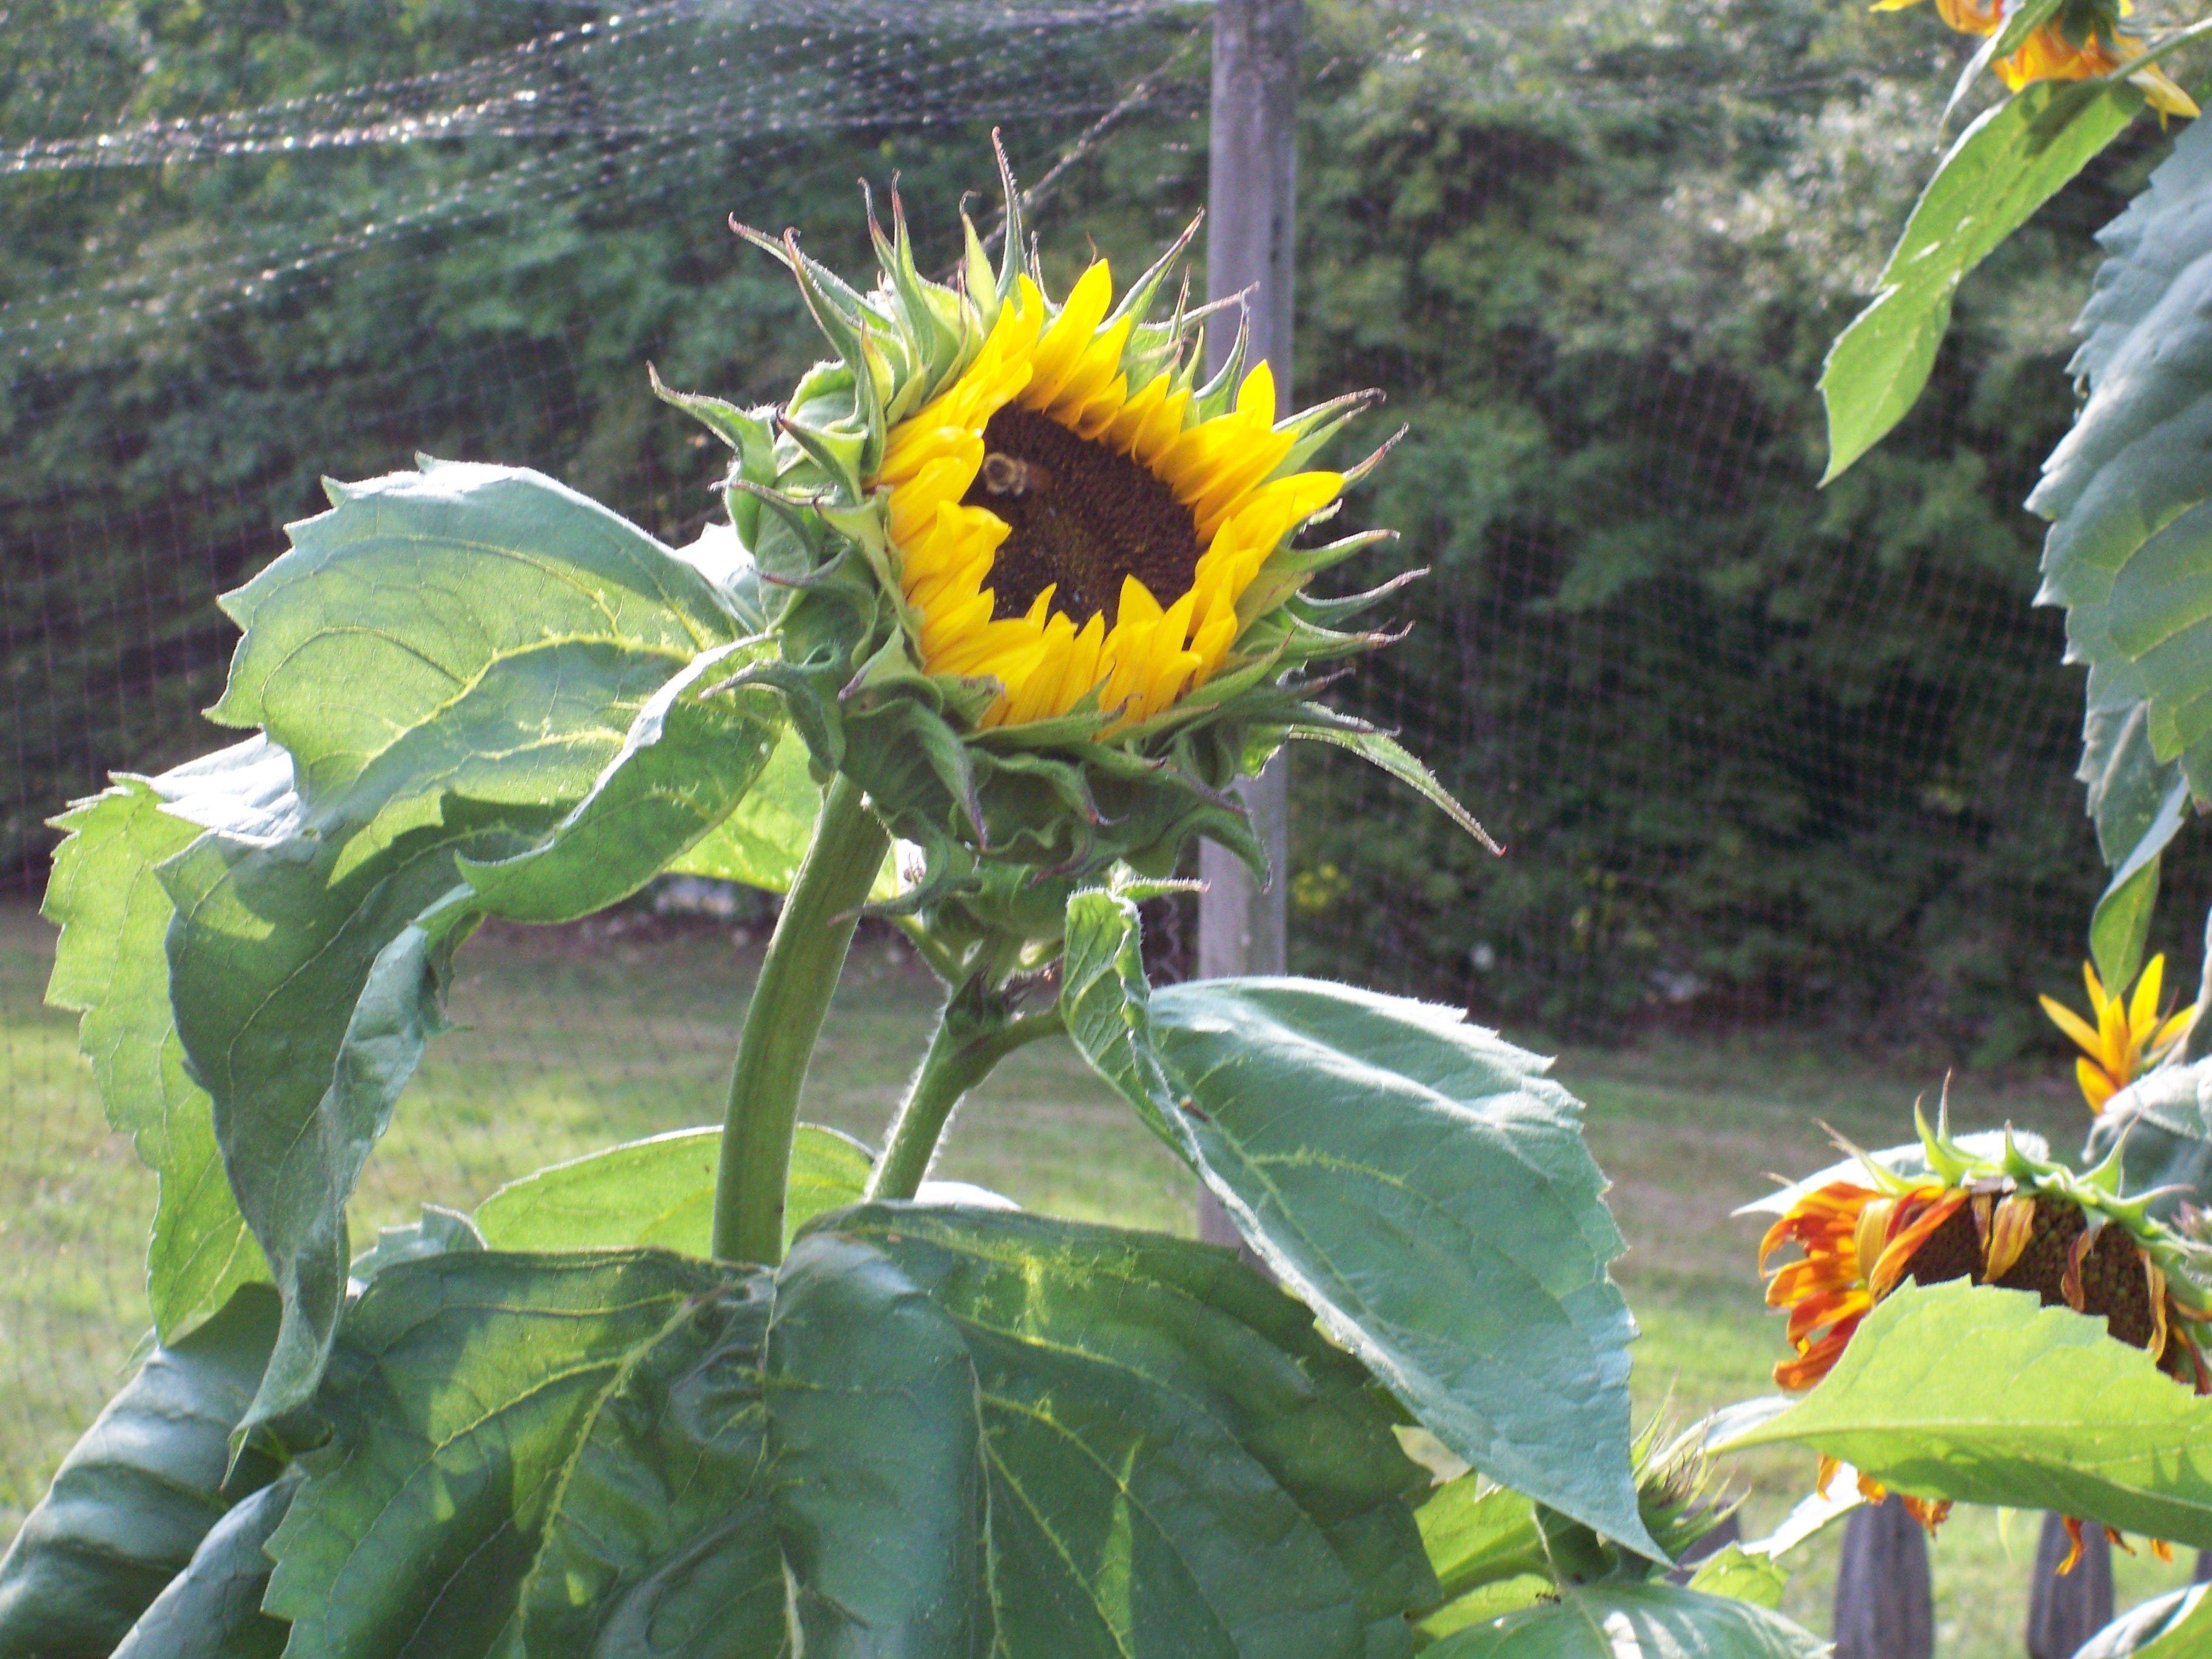 Young Sunflower Growing Tall How To Grow Taller Summer Garden Plants